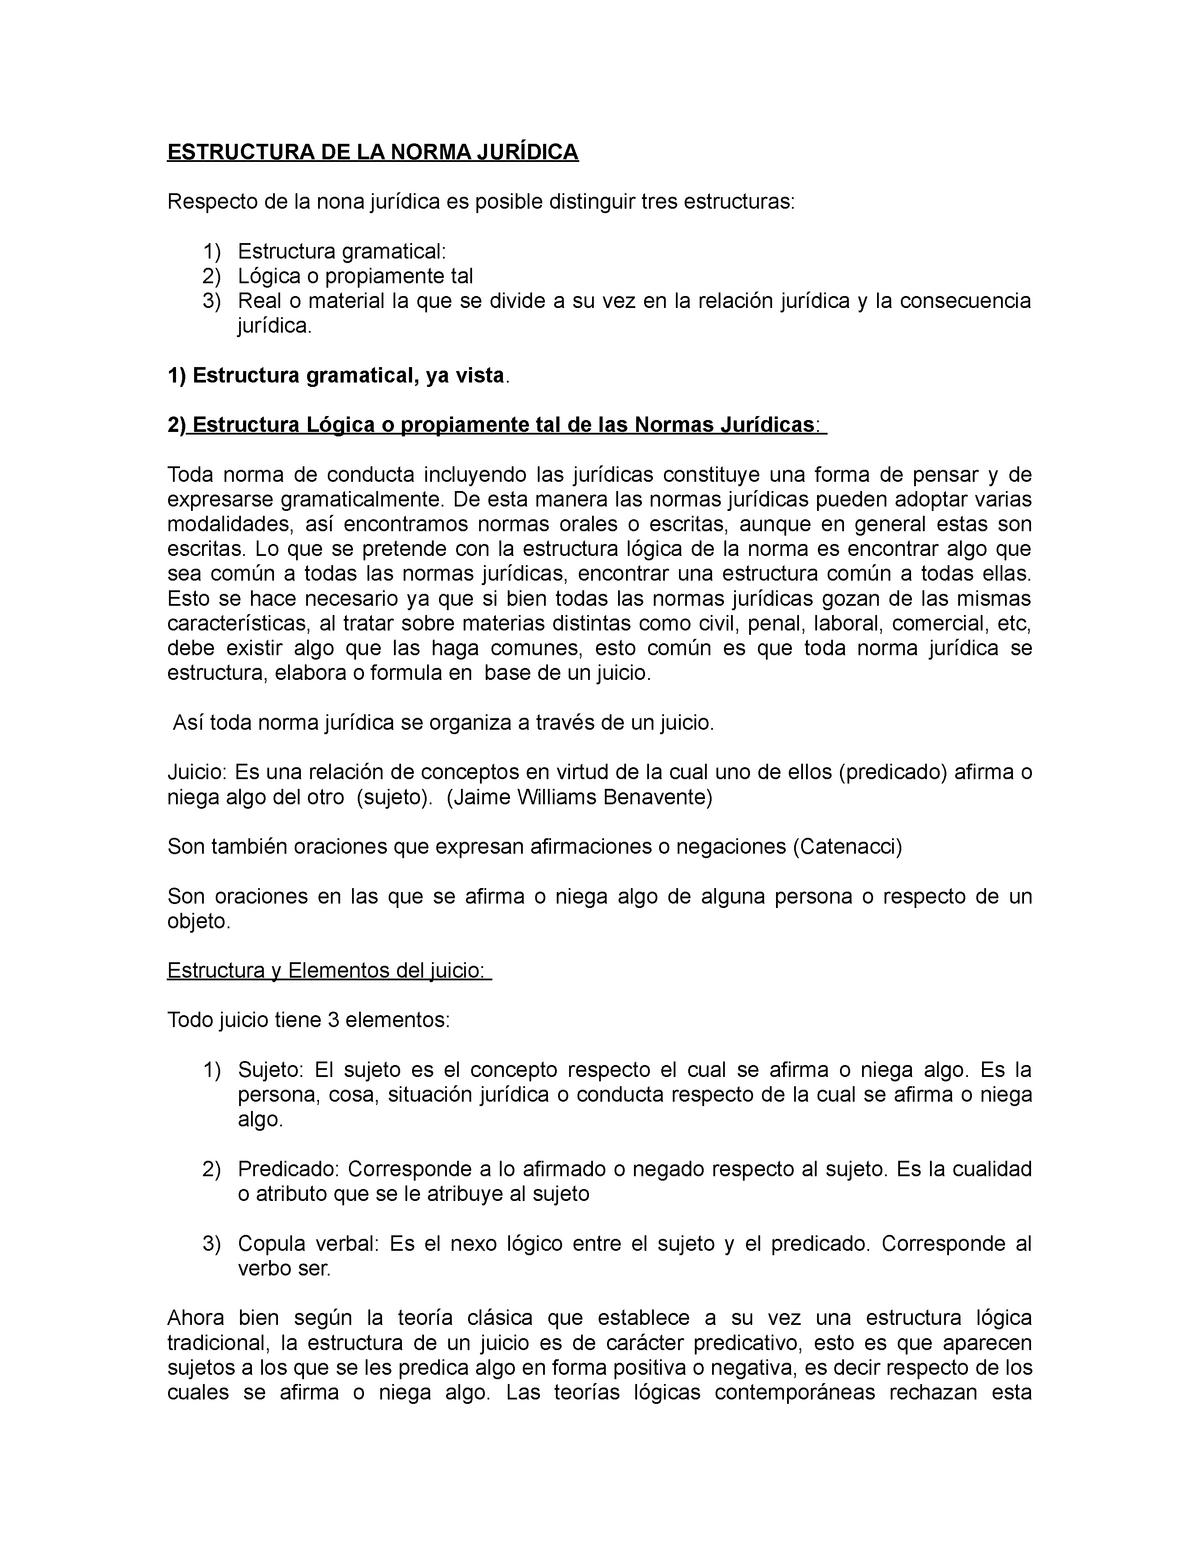 5estructura Logica De La N Jdca Introducción Al Derecho